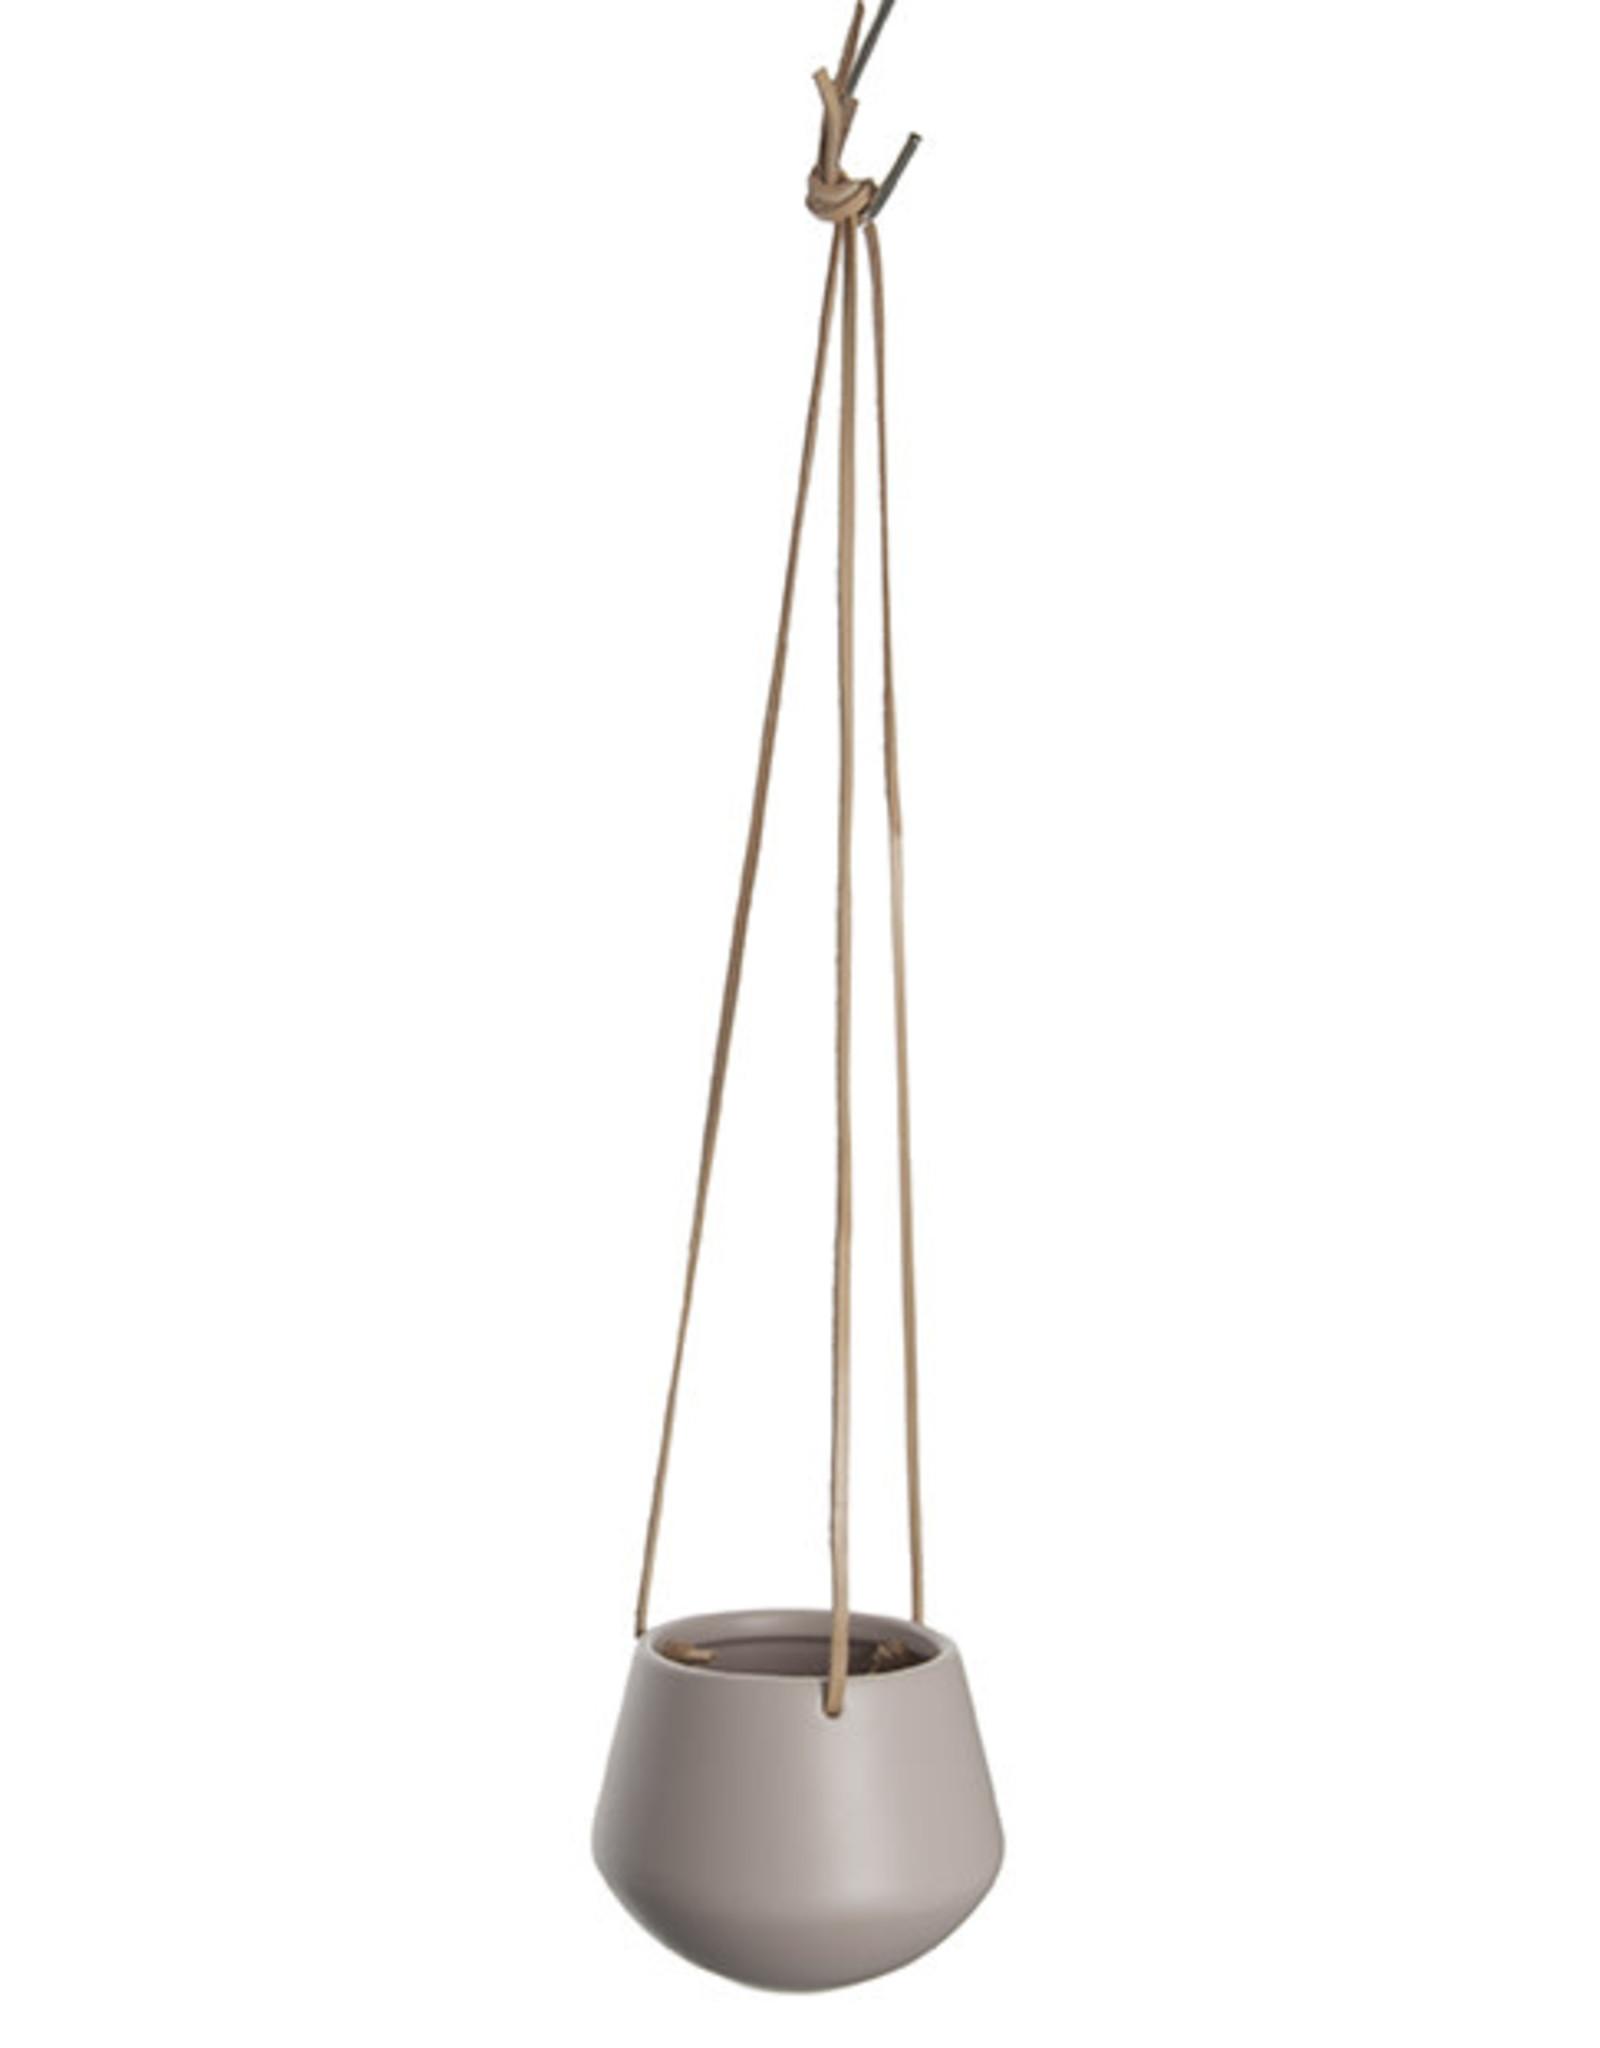 pt Skittle hanging pot Ø8.5 h9 cm - Soft pink